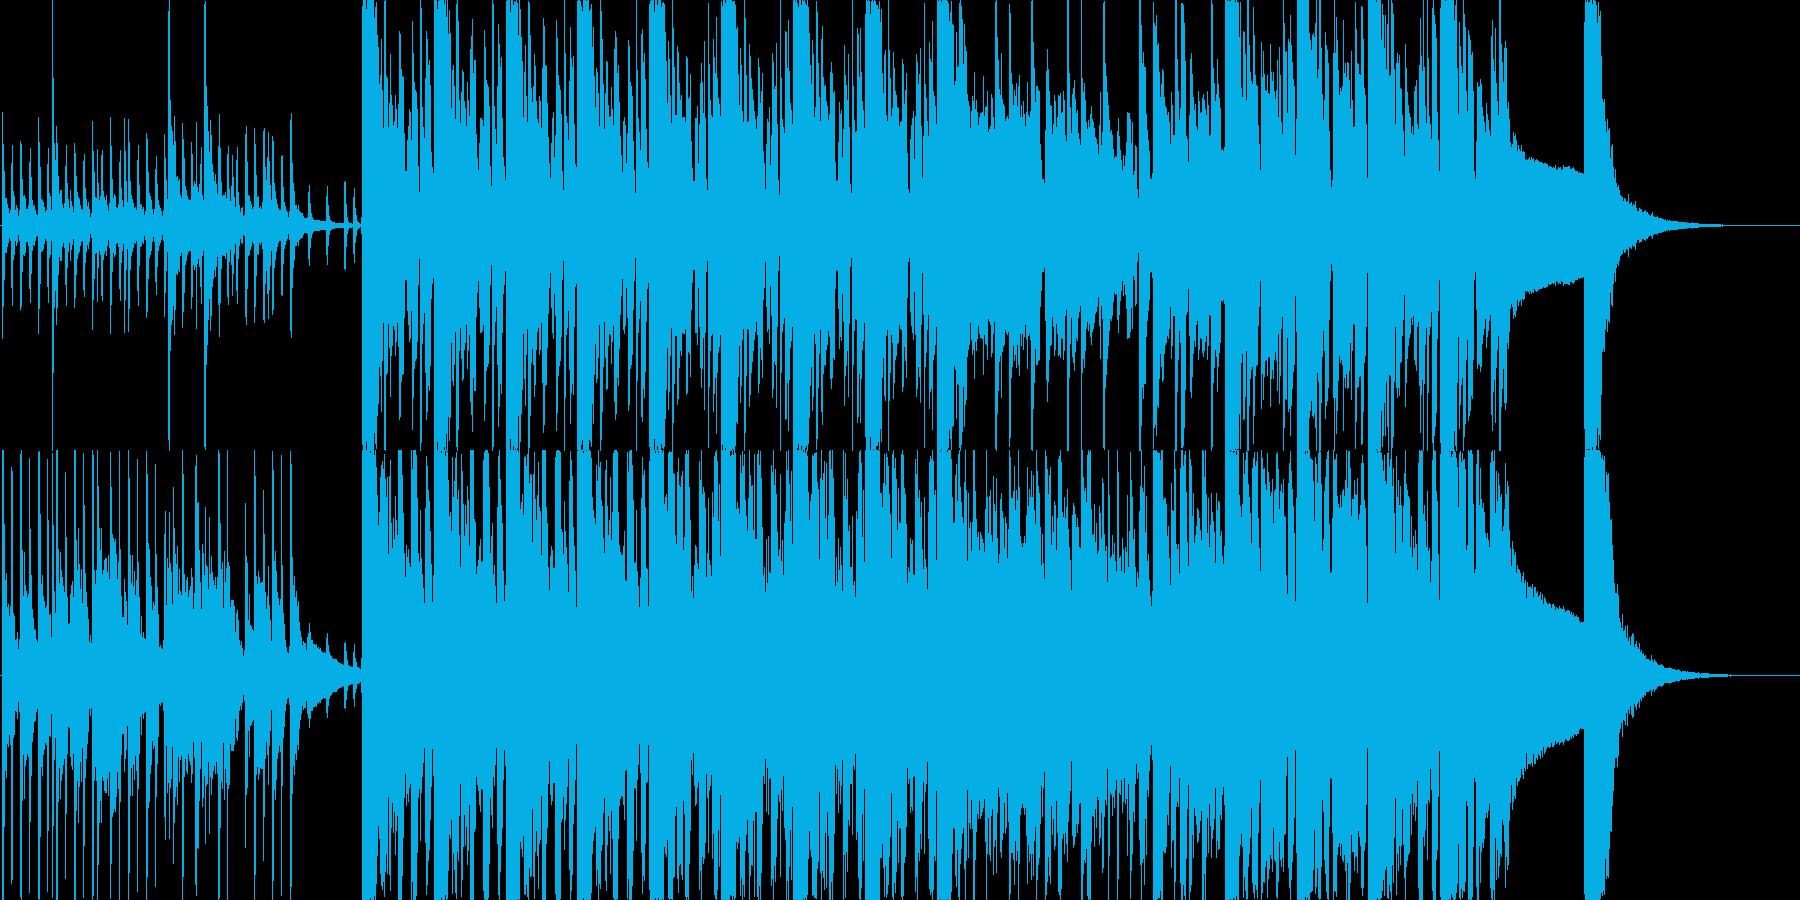 【ビックバンド】疾走感溢れるビックバンドの再生済みの波形